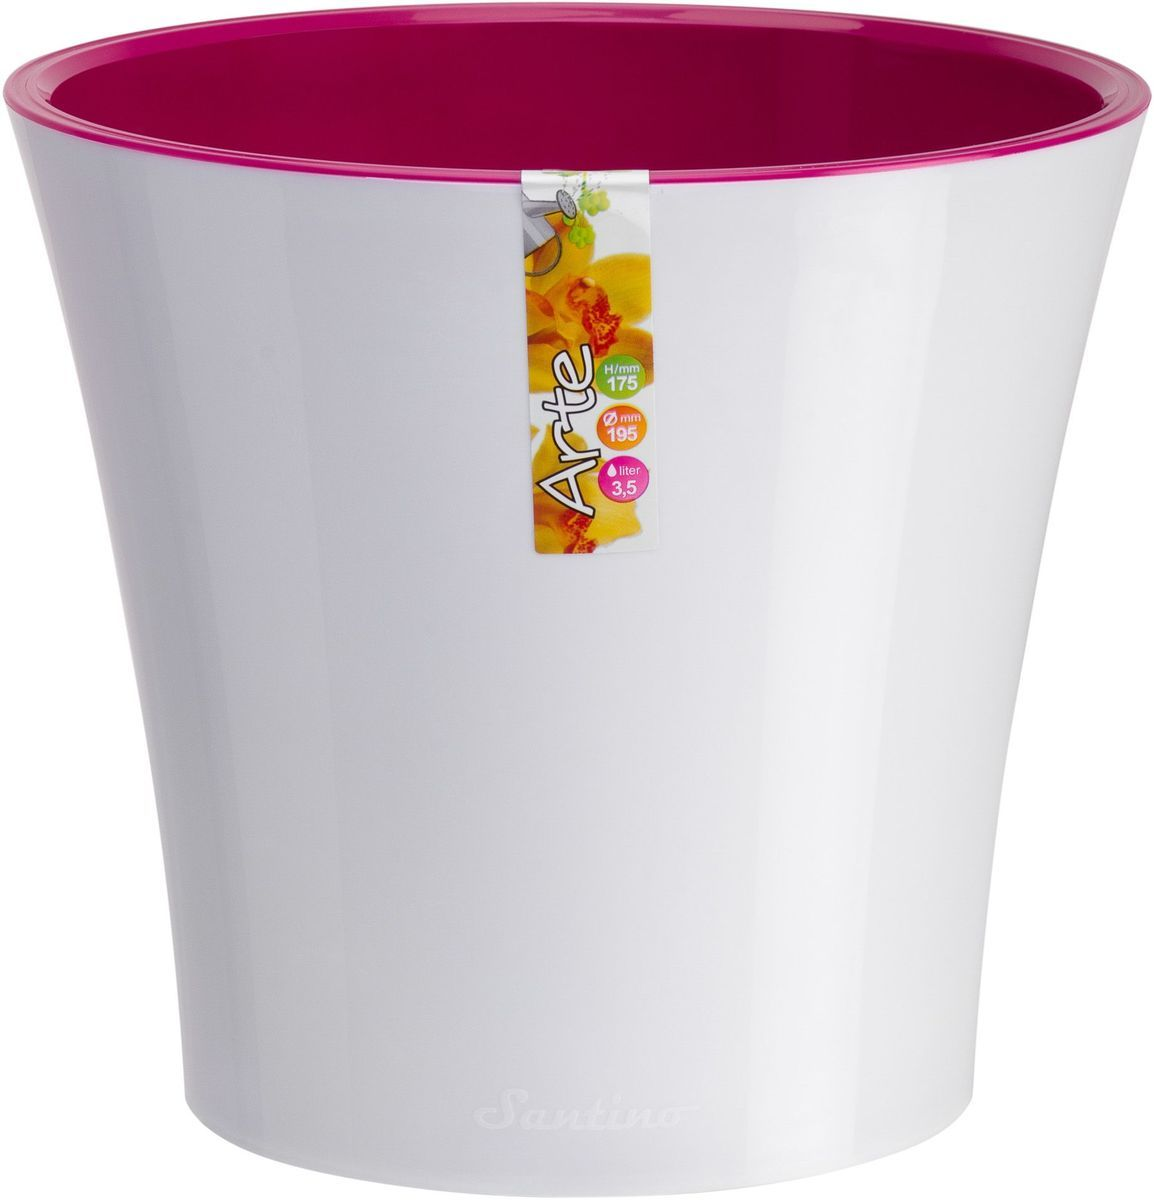 Горшок цветочный Santino Арте, двойной, с системой автополива, цвет: белый, лиловый, 2 л1915460Горшок цветочный Santino Арте снабжен дренажной системой и состоит из кашпо и вазона-вкладыша. Изготовлен из пластика. Особенность: тарелочка или блюдце не нужны. Горшок предназначен для любых растений или цветов. Цветочный дренаж – это система, которая позволяет выводить лишнюю влагу через корневую систему цветка и слой почвы. Растение – это живой организм, следовательно, ему необходимо дышать. В доступе к кислороду нуждаются все части растения: -листья; -корневая система. Если цветовод по какой-либо причине зальет цветок водой, то она буквально вытеснит из почвенного слоя все пузырьки кислорода. Анаэробная среда способствует развитию различного рода бактерий. Безвоздушная среда приводит к загниванию корневой системы, цветок в результате увядает. Суть работы дренажной системы заключается в том, чтобы осуществлять отвод лишней влаги от растения и давать возможность корневой системе дышать без проблем. Следовательно, каждому цветку необходимо: -иметь в основании цветочного горшочка хотя бы одно небольшое дренажное отверстие. Оно необходимо для того, чтобы через него выходила лишняя вода, плюс ко всему это отверстие дает возможность циркулировать воздух. -на самом дне горшка необходимо выложить слоем в 2-5 см (зависит от вида растения) дренаж.УВАЖАЕМЫЕ КЛИЕНТЫ!Обращаем ваше внимание на тот факт, что фото изделия служит для визуального восприятия товара. Литраж и размеры, представленные на этикетке товара, могут по факту отличаться от реальных. Корректные данные в поле Размеры.